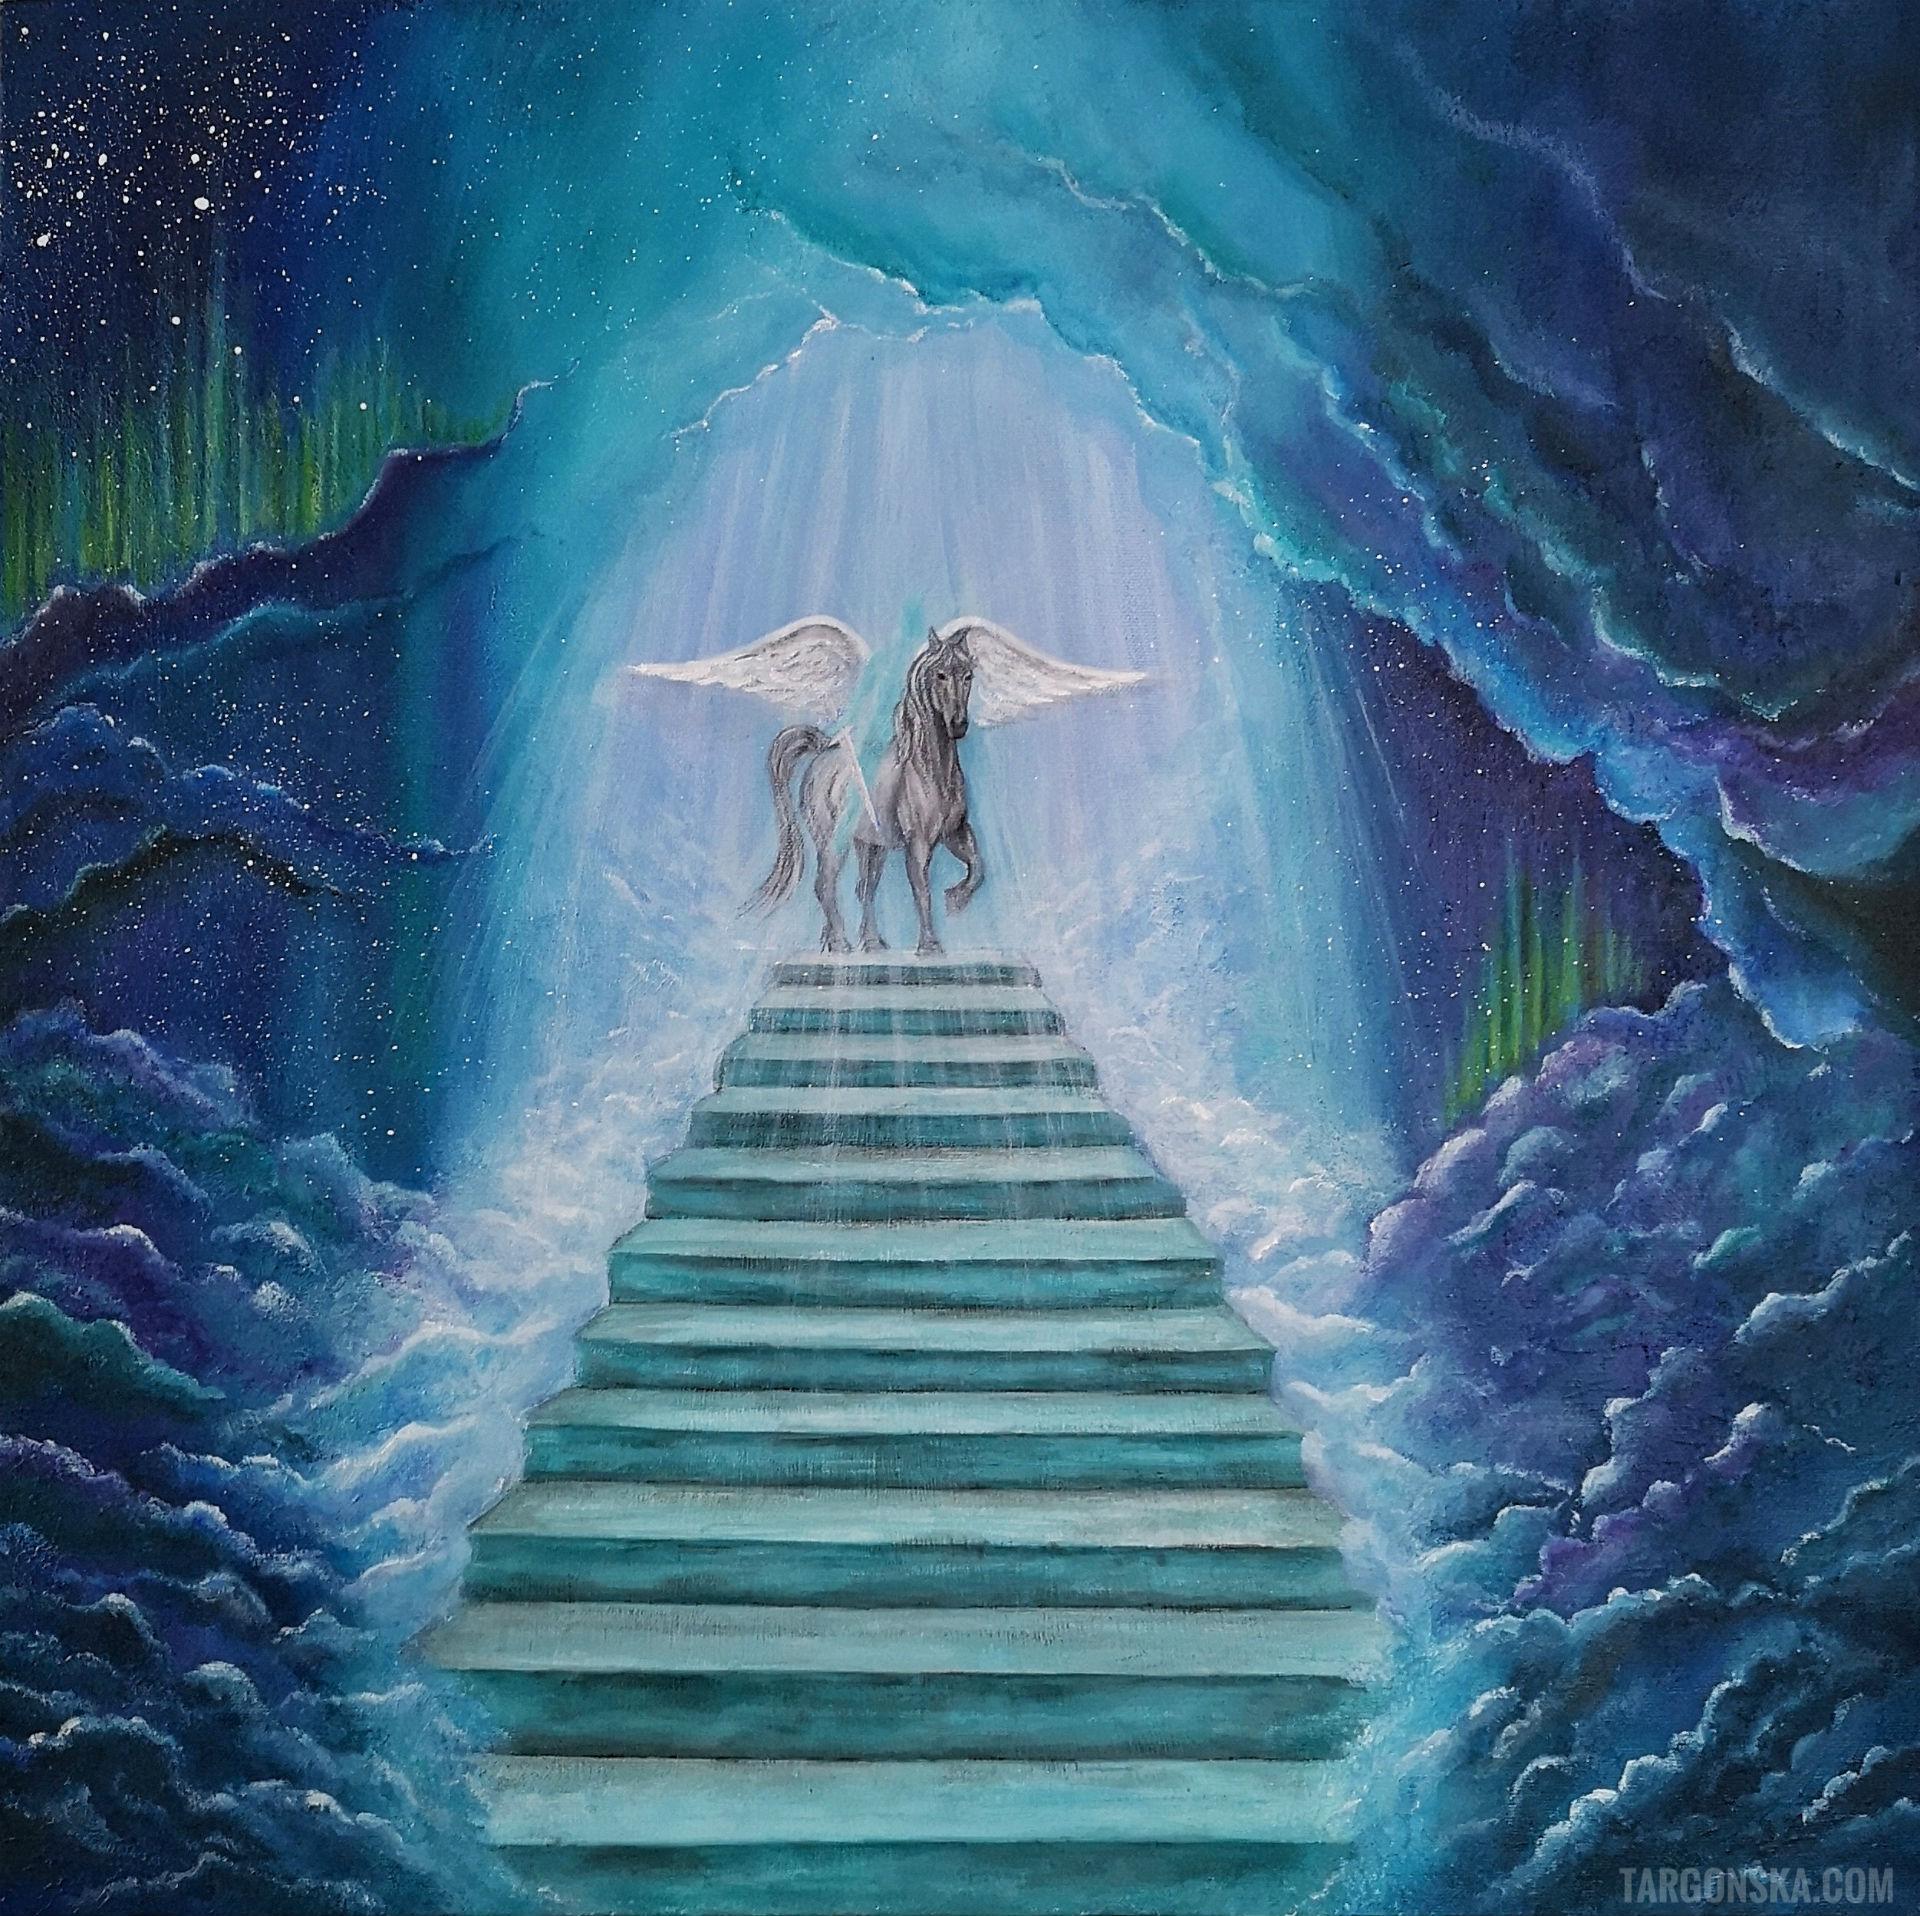 Angelic night Targonska